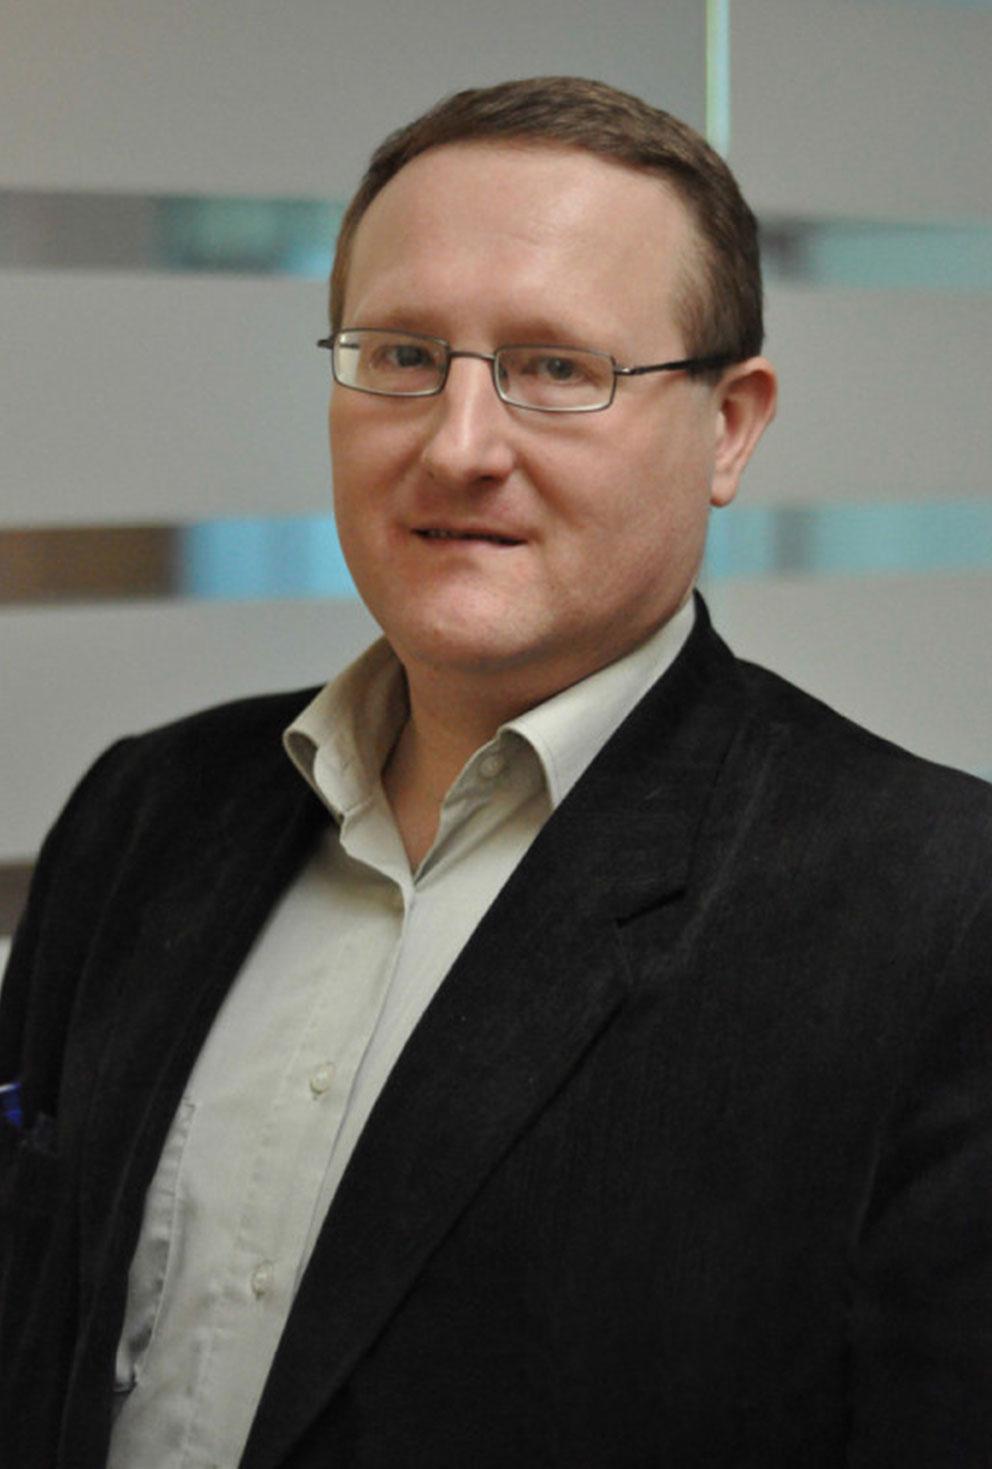 kirill-badulin,-ekspert-v-oblasti-ekonomiki,-biznes-planirovaniya-i-strategicheskogo-upravleniya